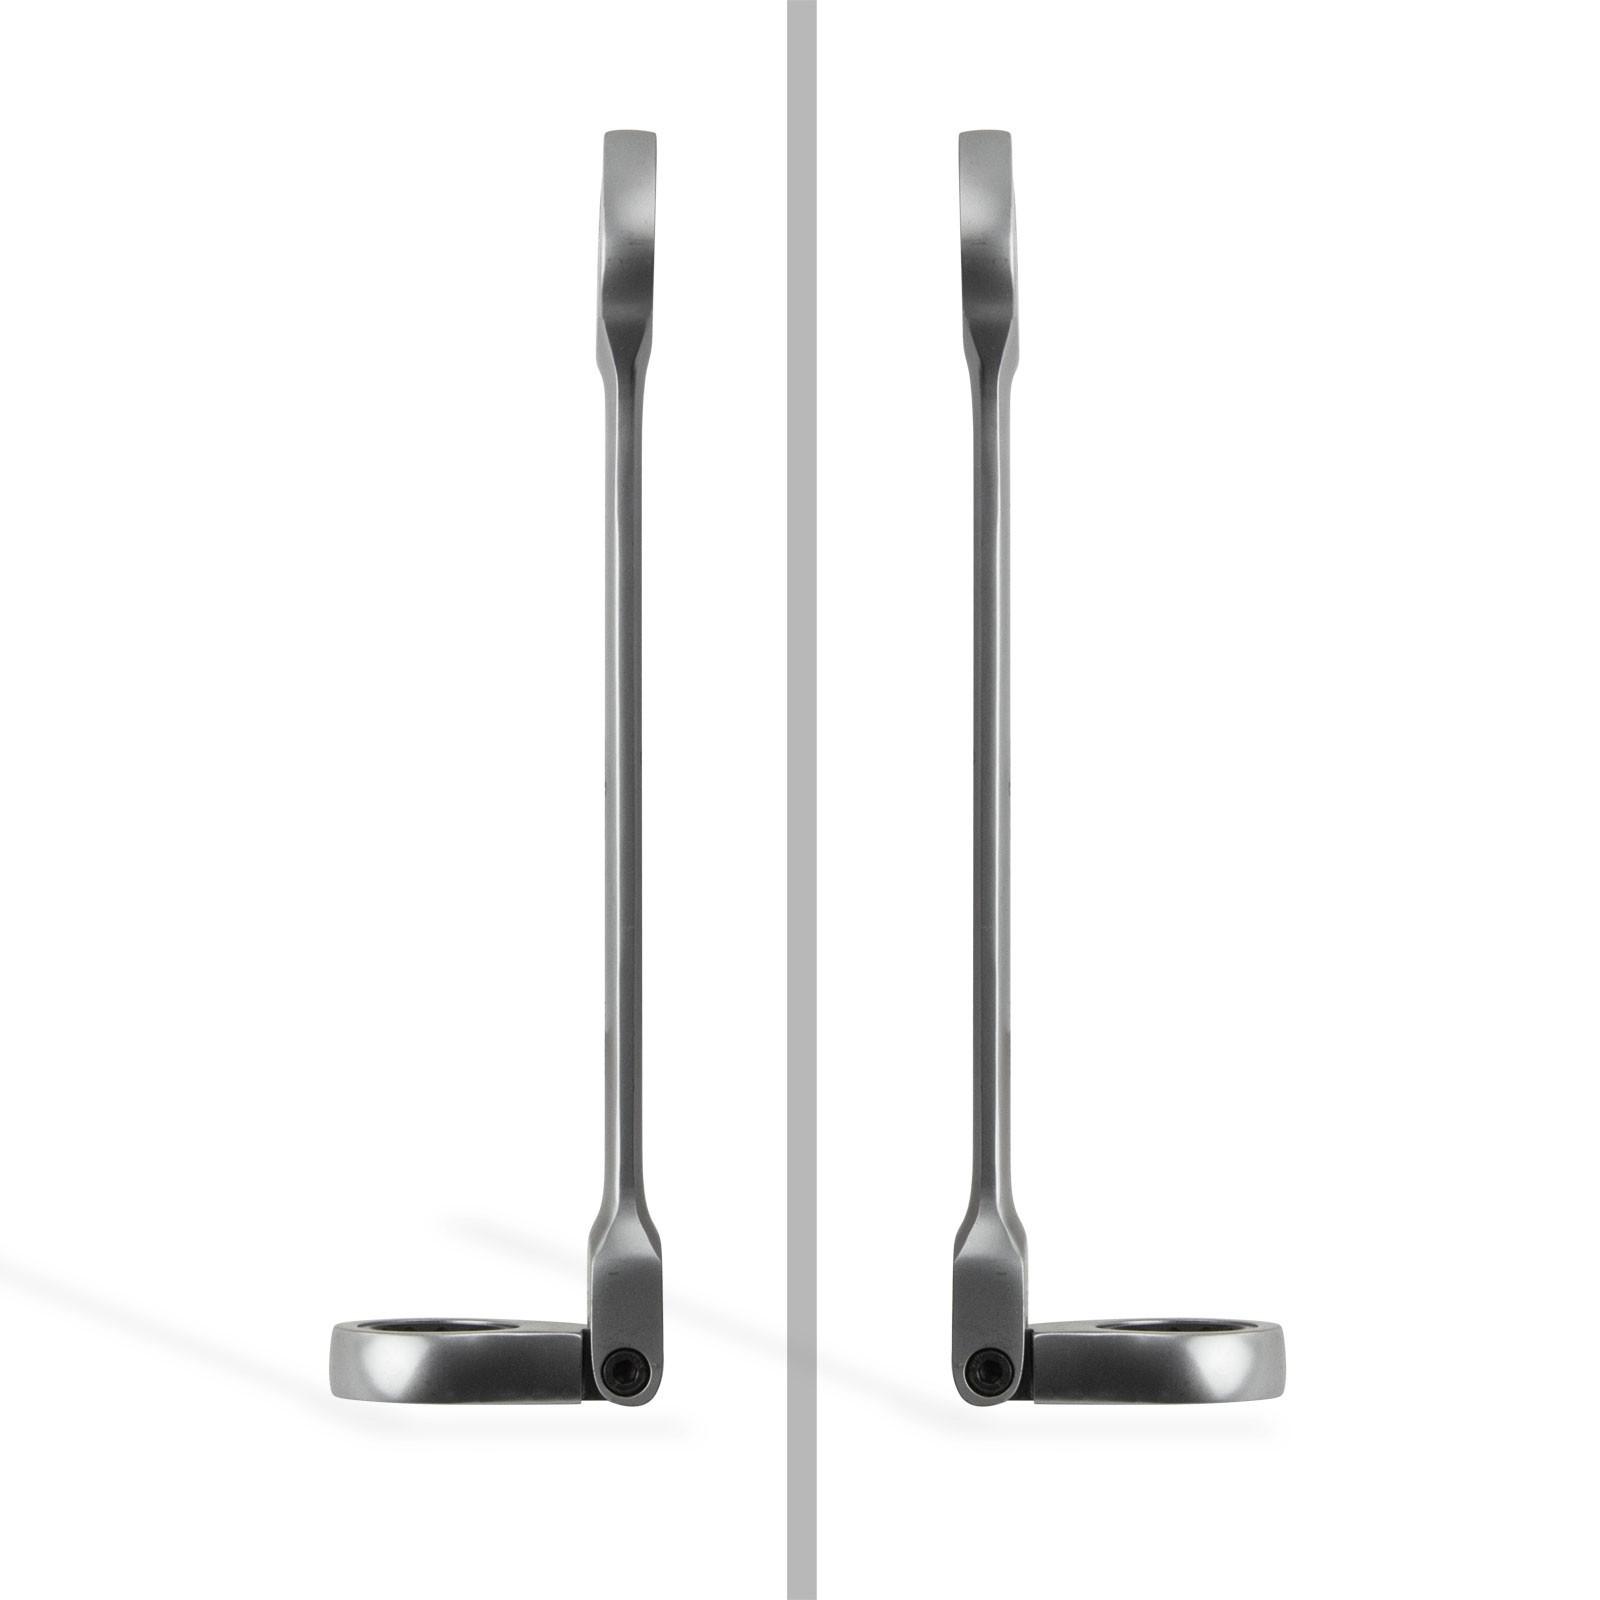 Dema Gelenk- Ratschenringschlüssel / Maul-Ratschenschlüssel 10 mm 21855